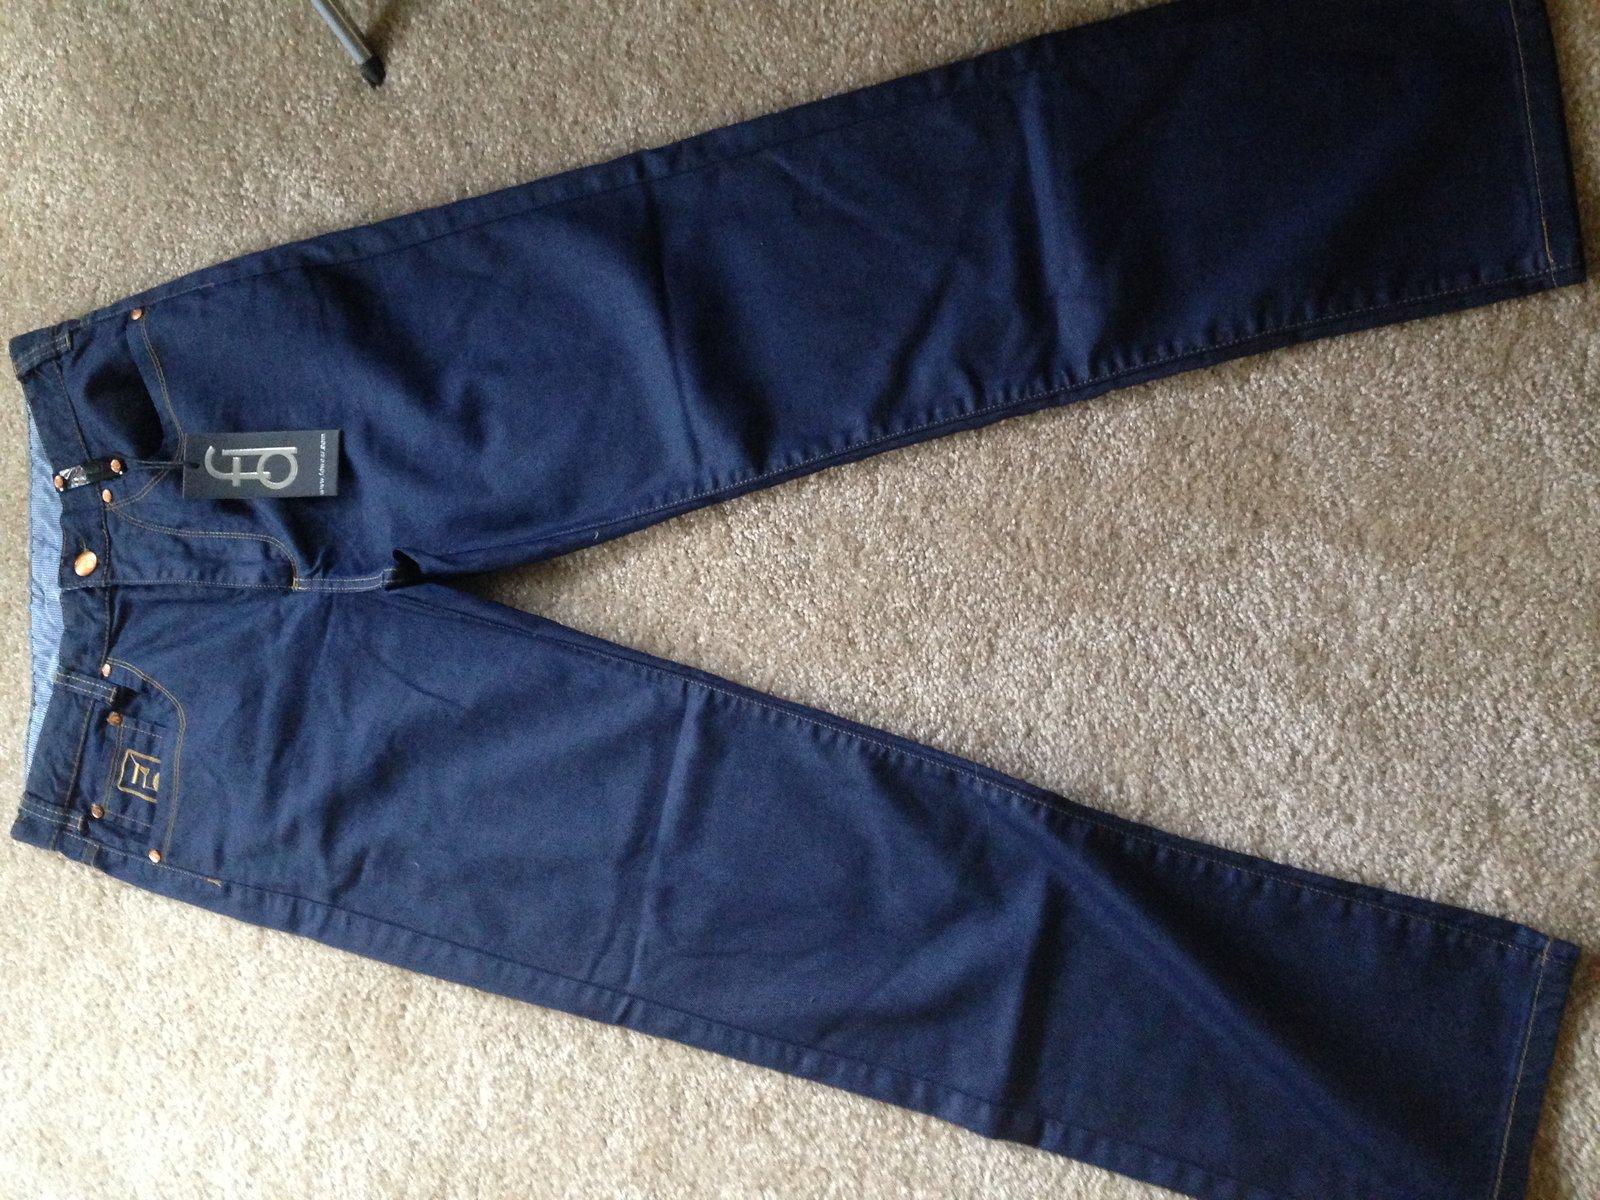 FD Wear Pants #1 Photo #1